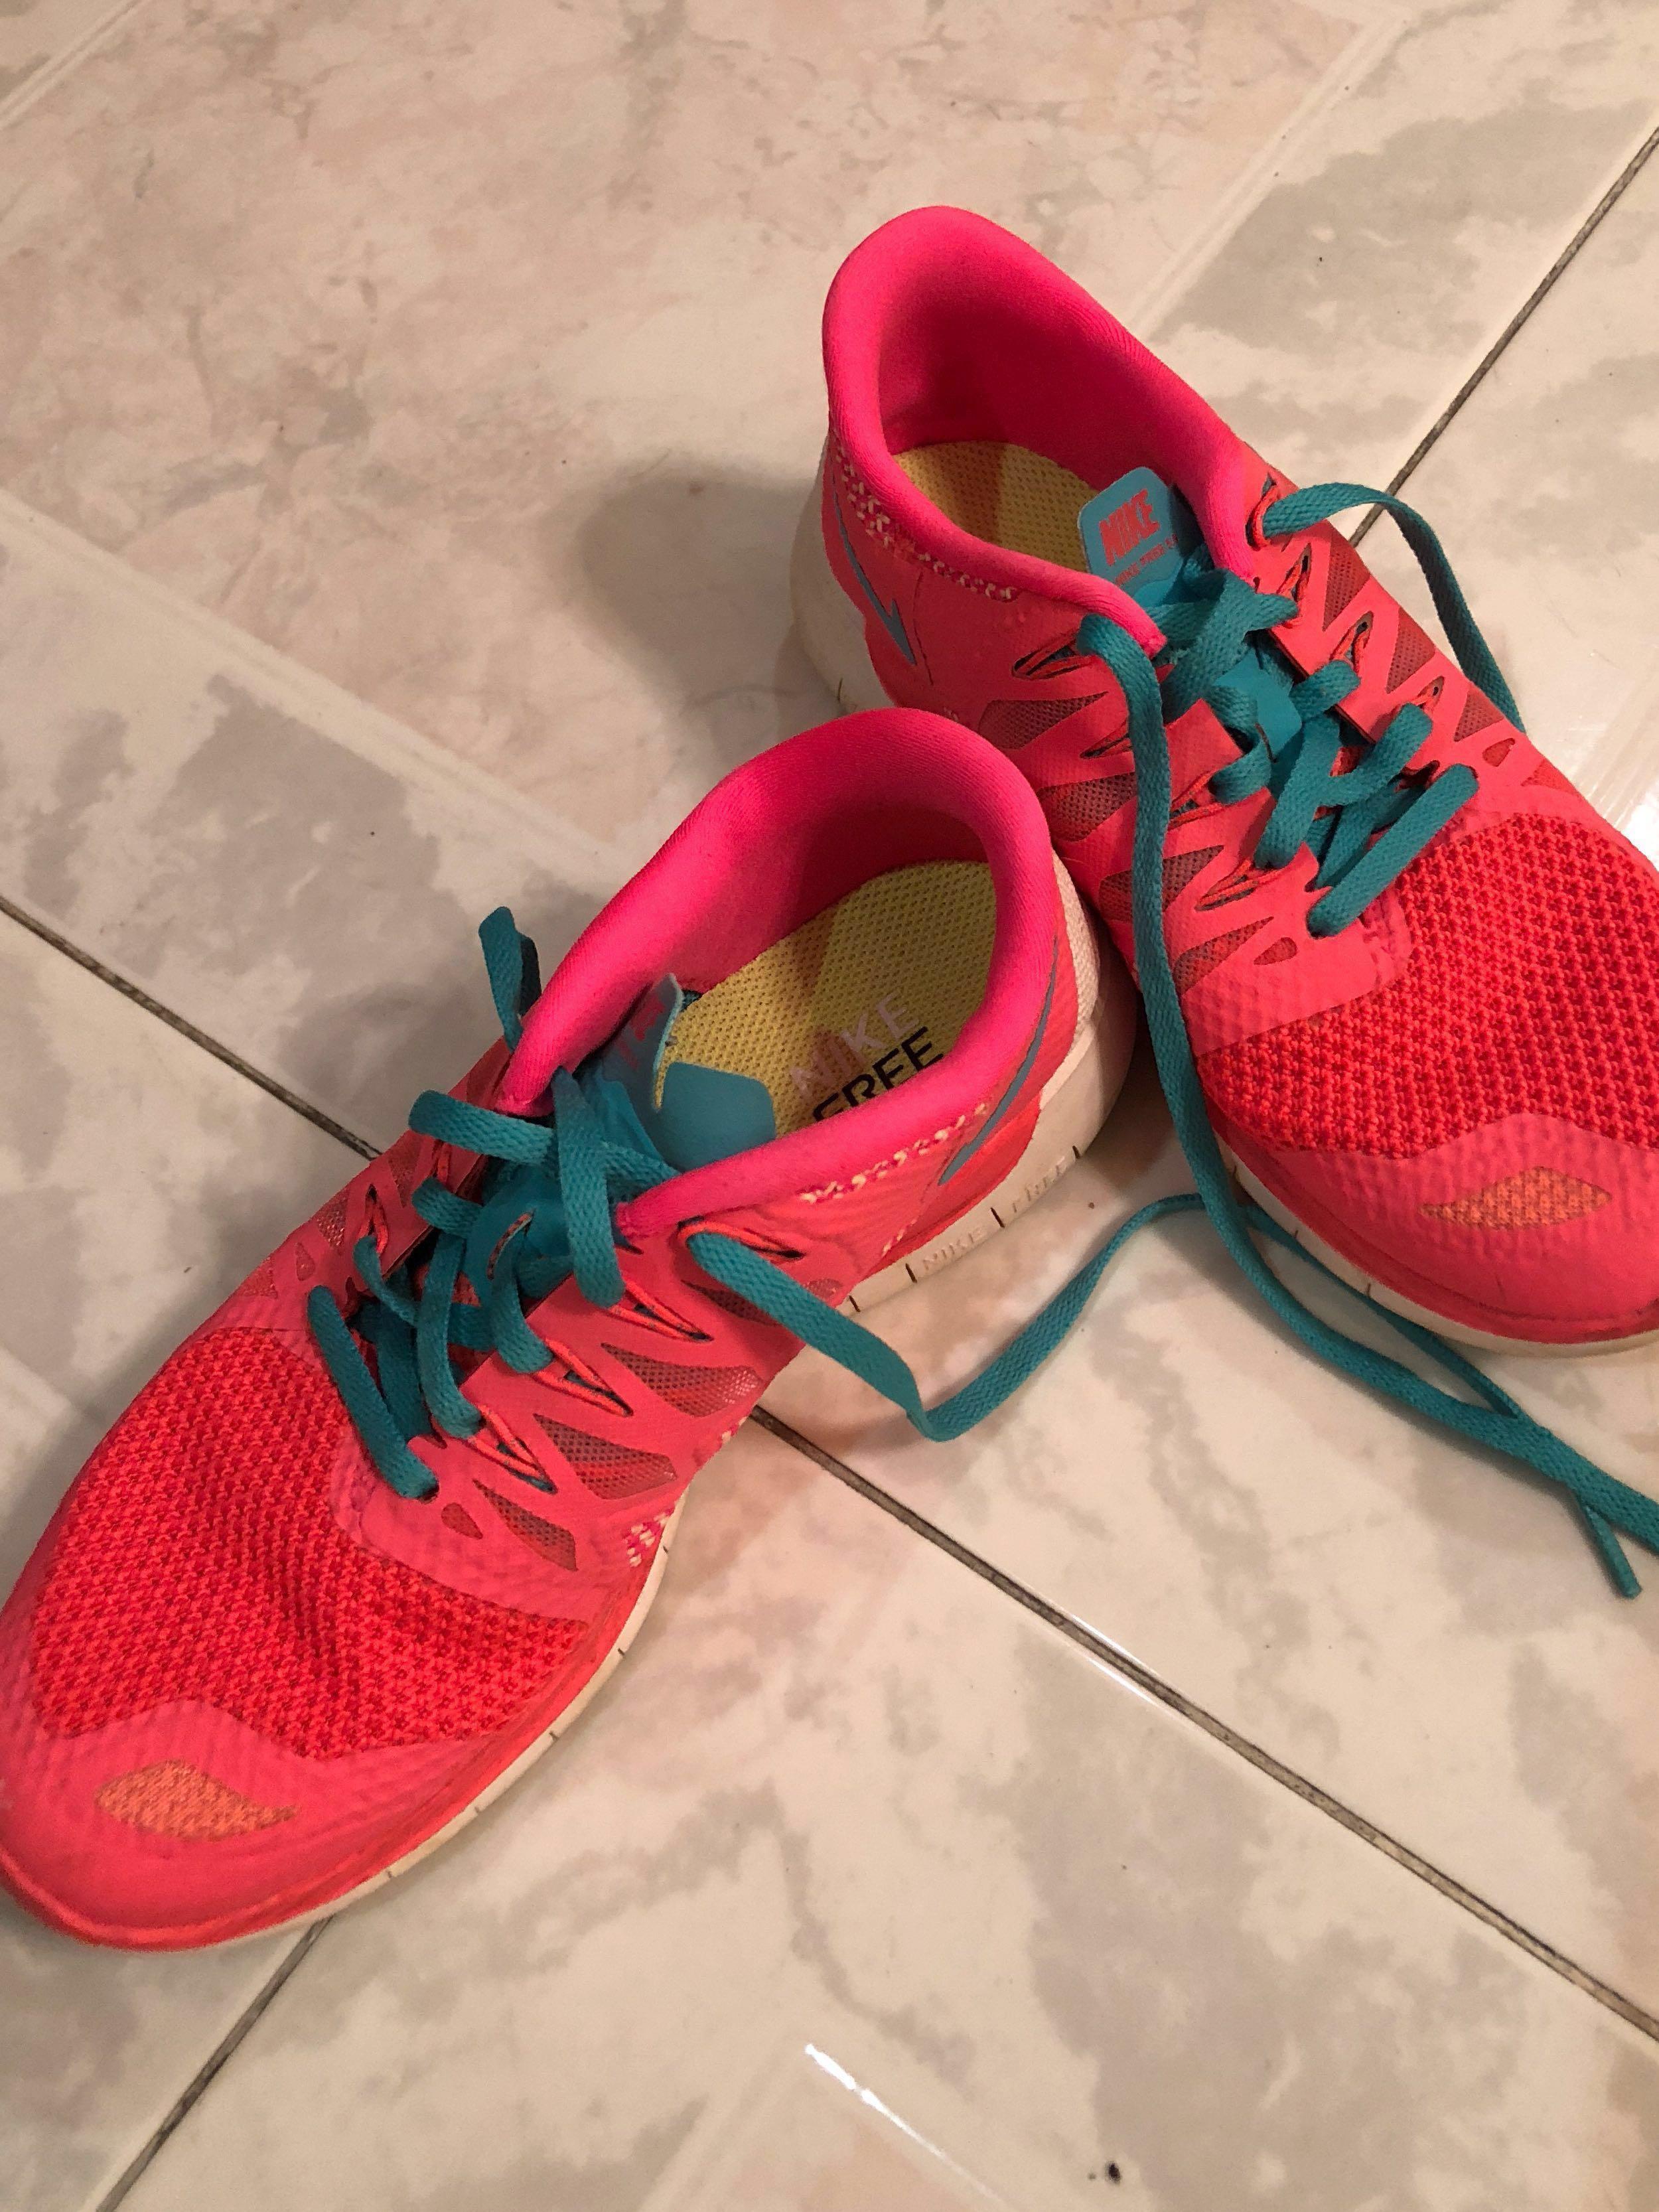 NIKE Neon Running Shoes, Women's